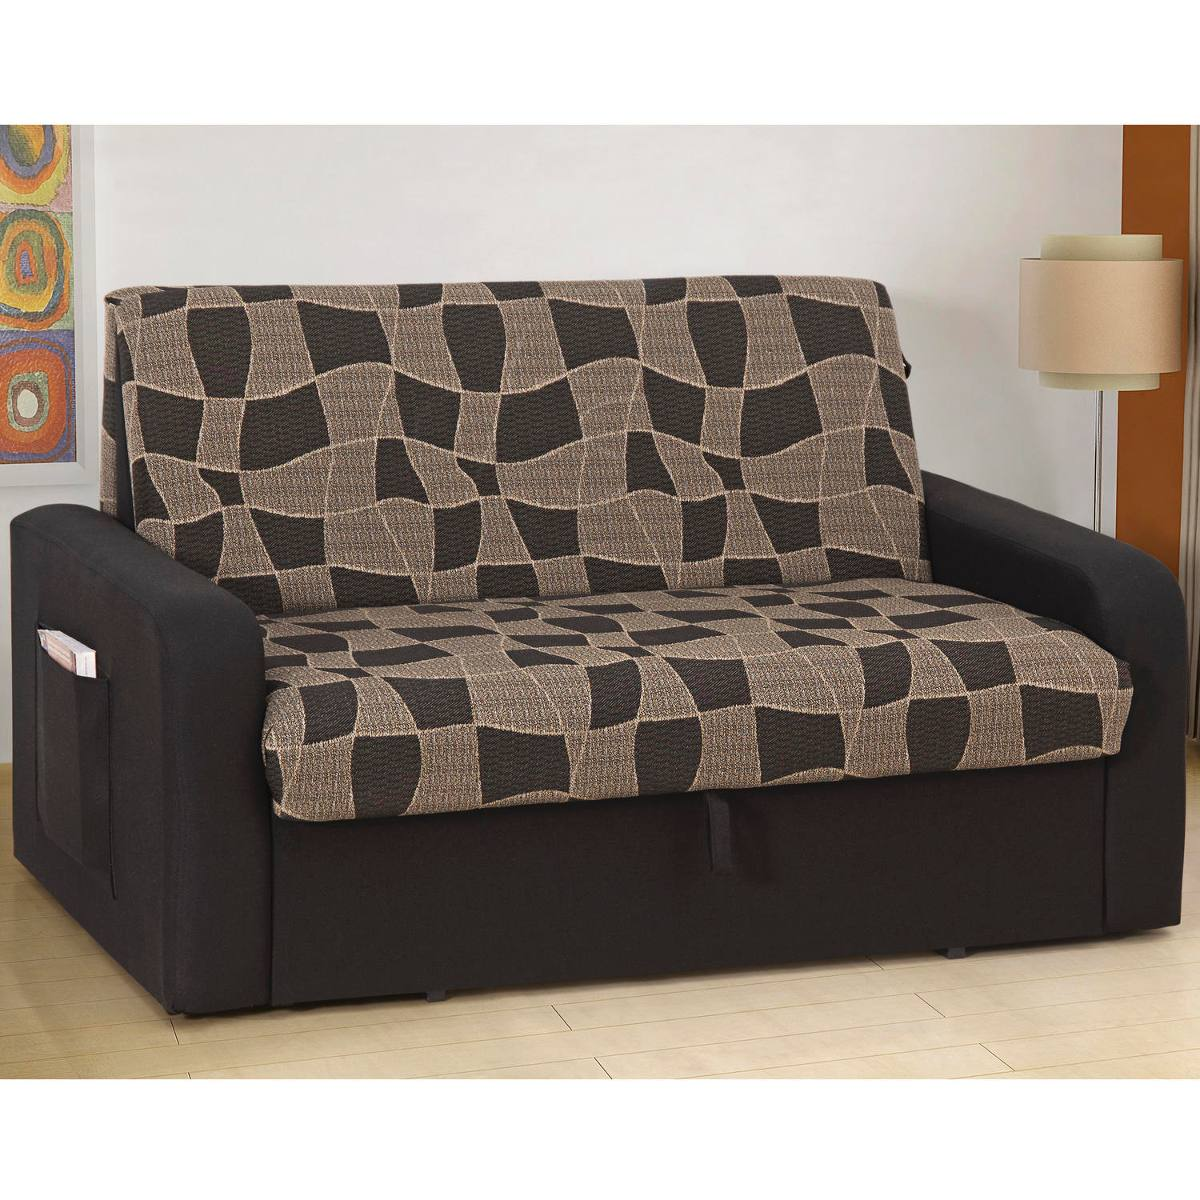 Sof cama daiane com ba 158 166 wt r 540 78 em mercado for Compra de sofa cama